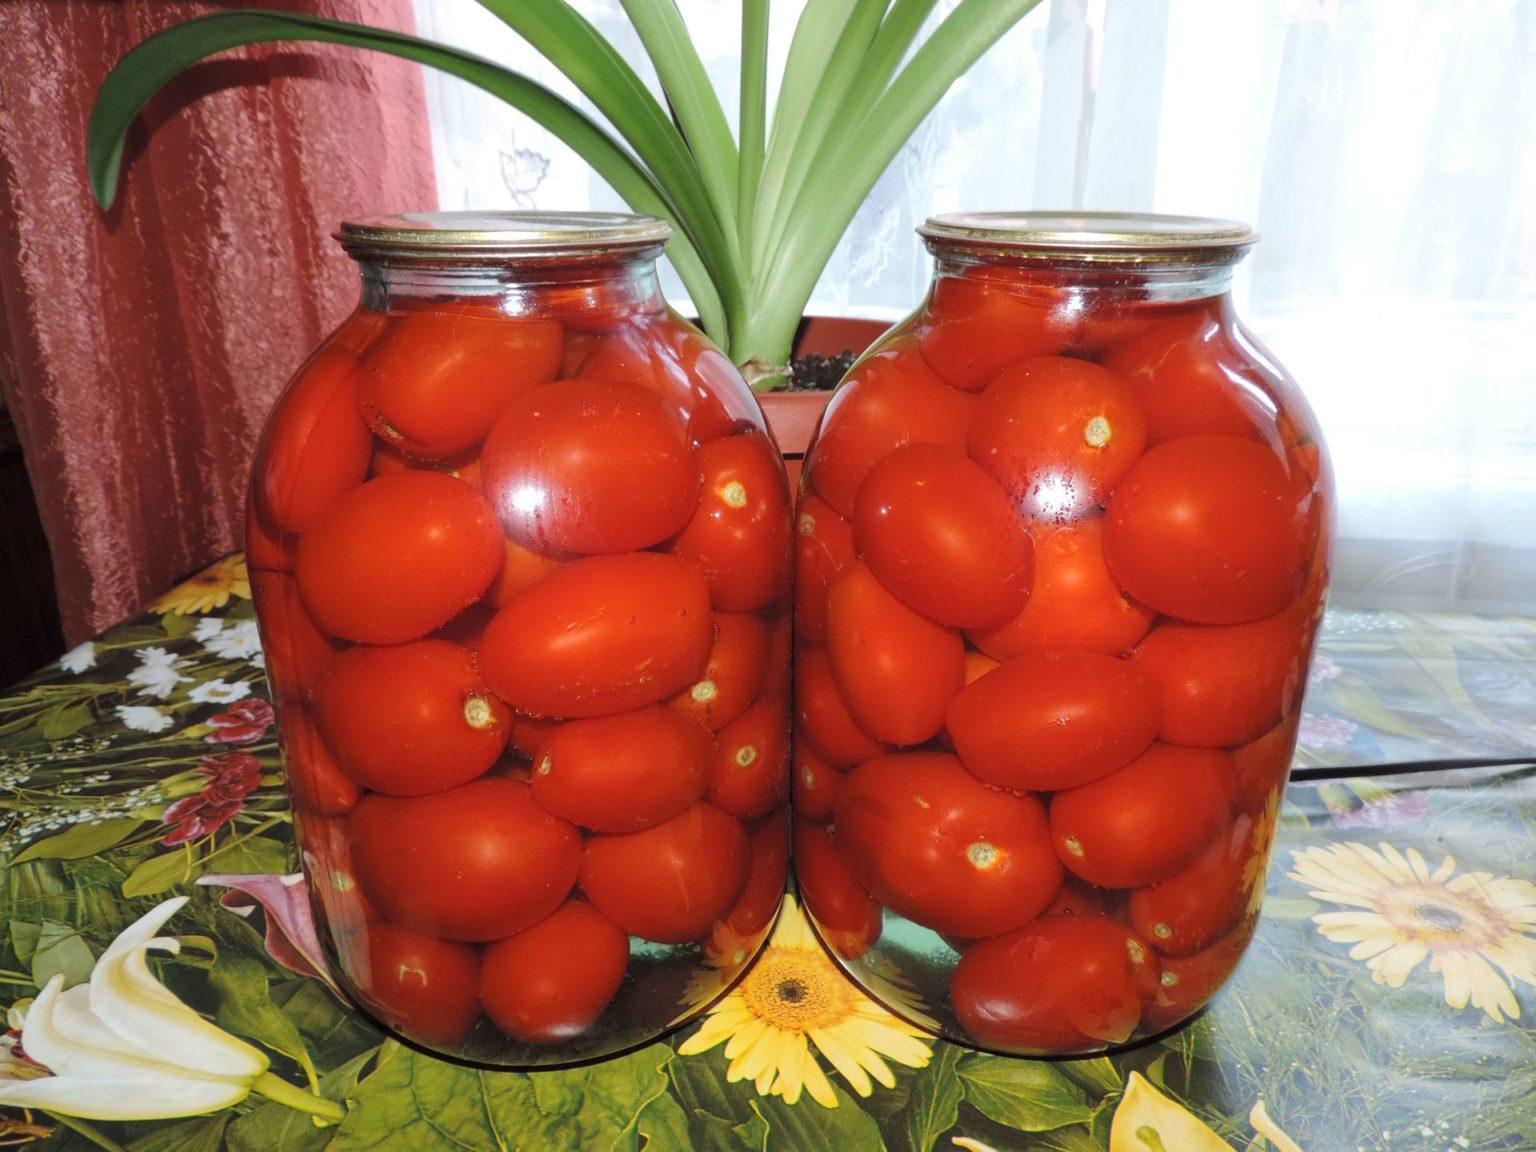 Маринованные помидоры на зиму сладкие на 1 литр маринада/ рецепт с фото